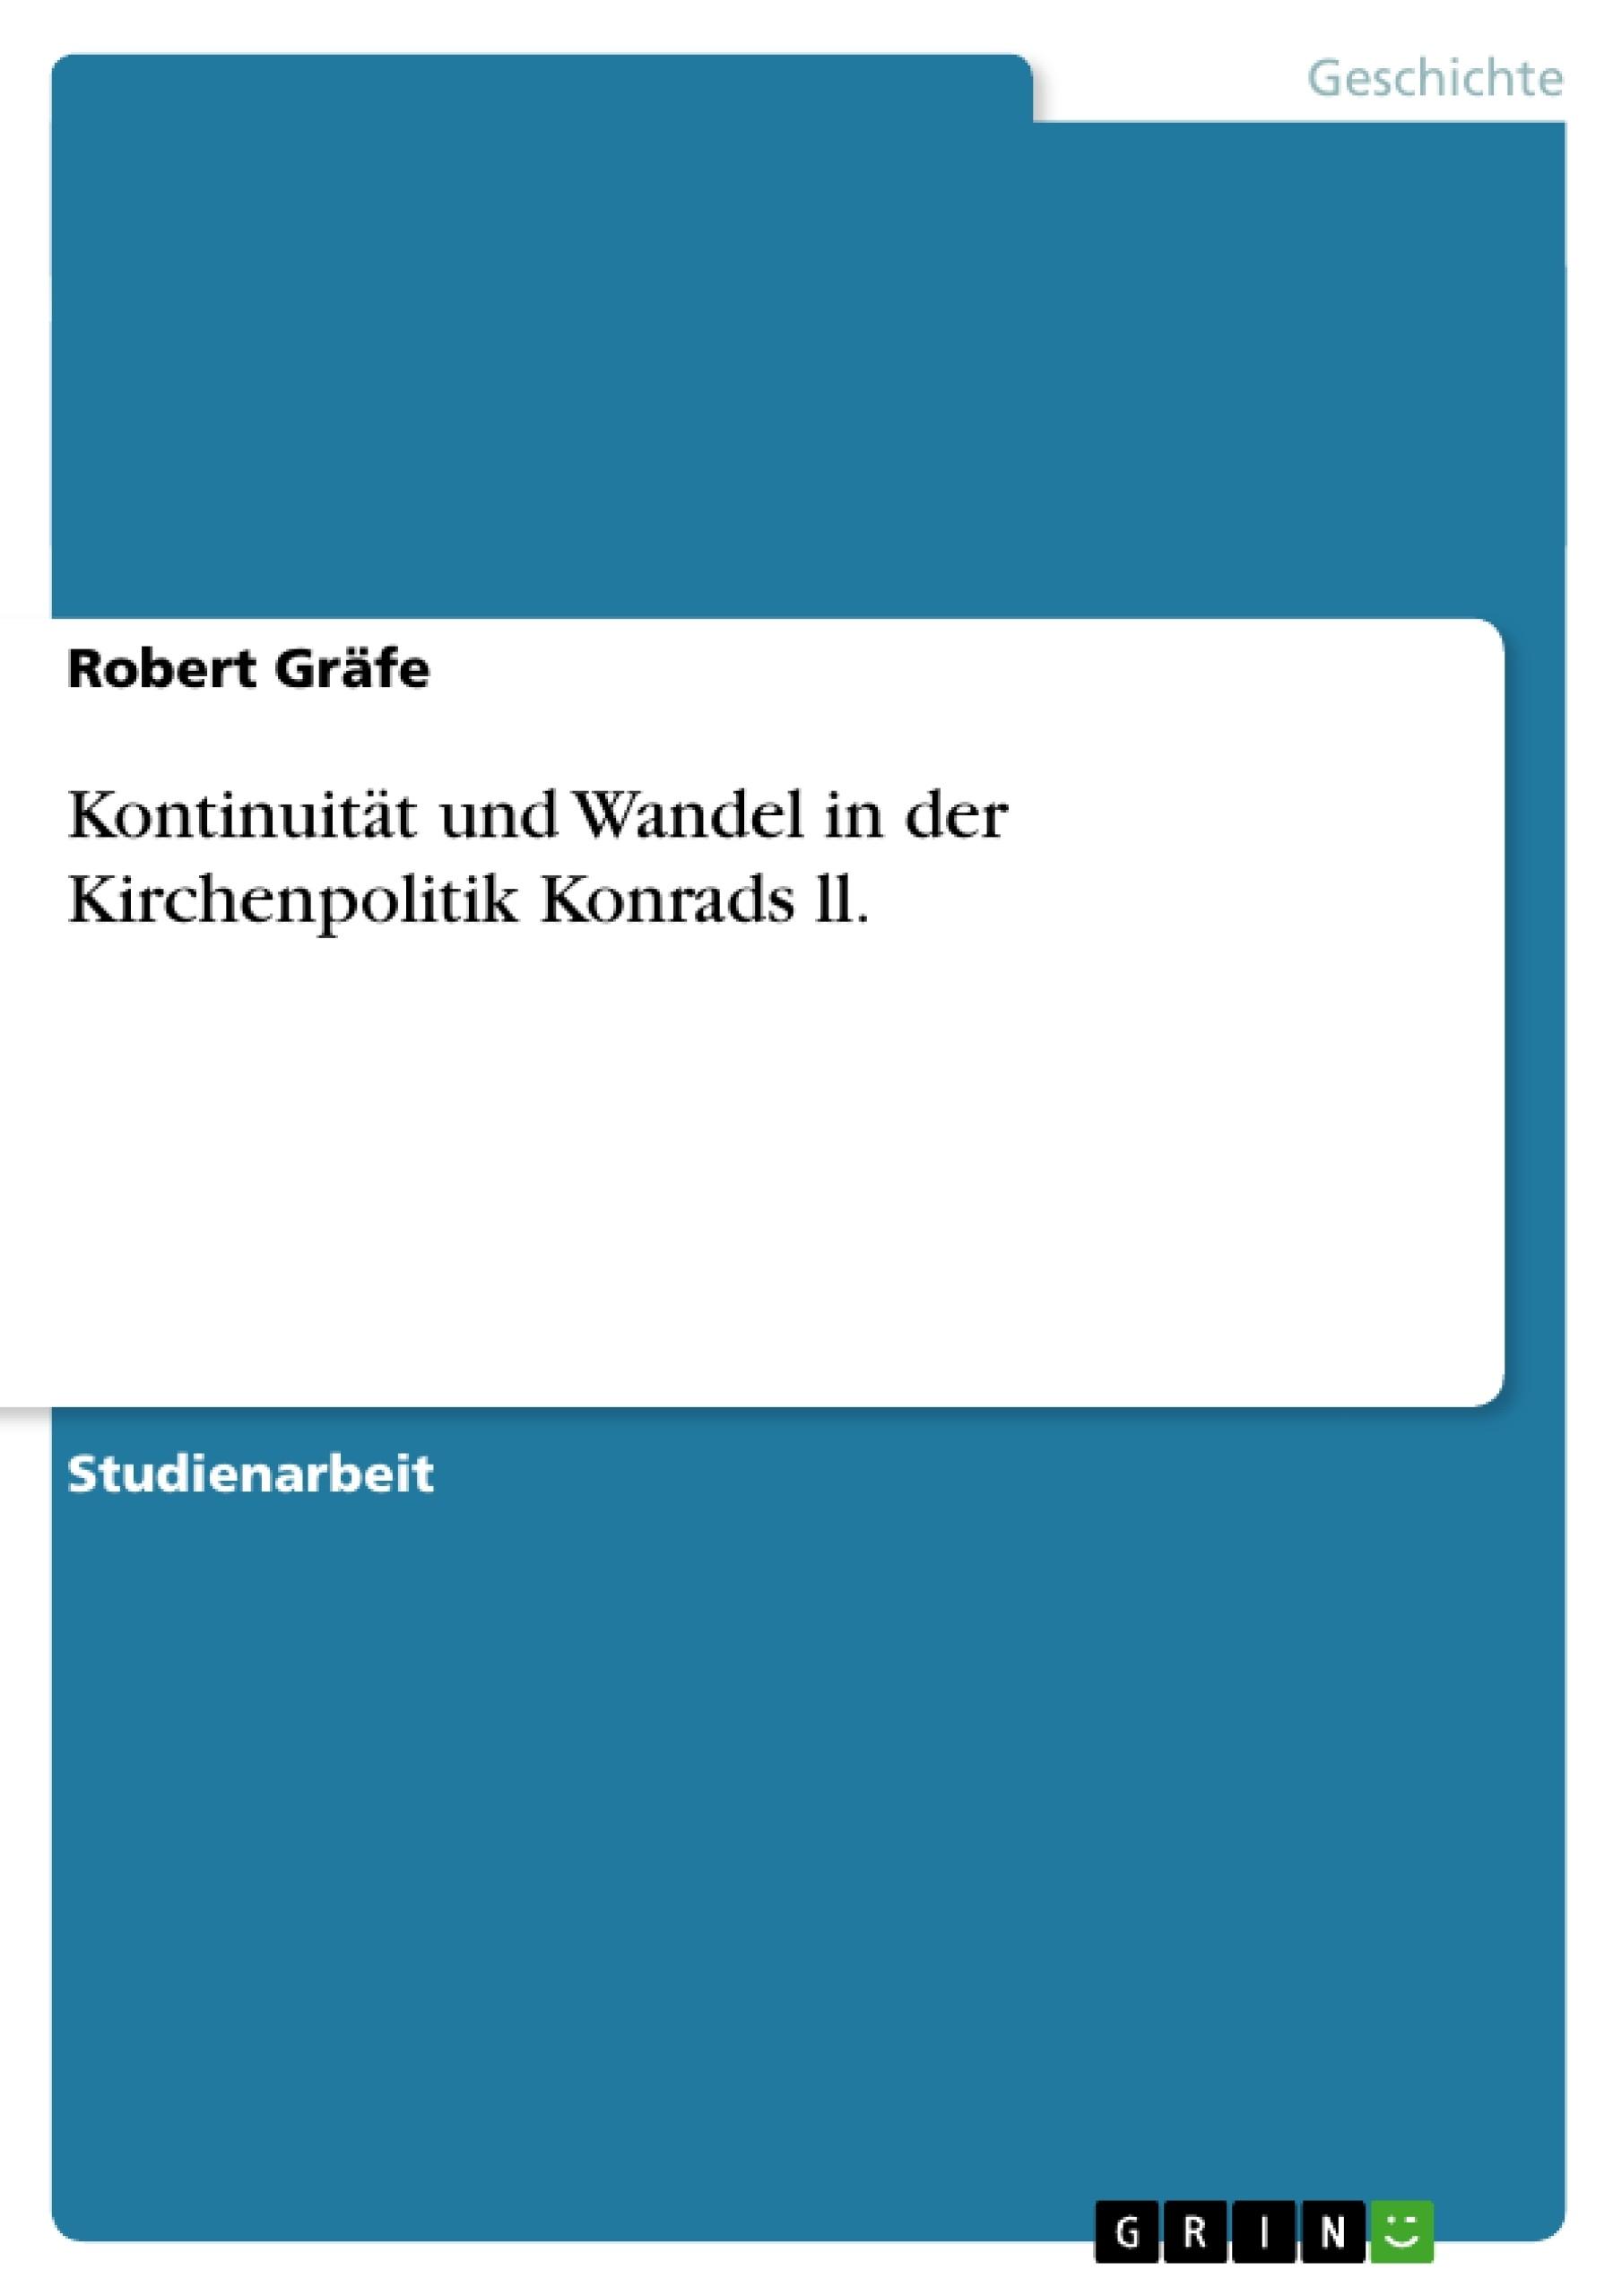 Titel: Kontinuität und Wandel in der Kirchenpolitik Konrads ll.